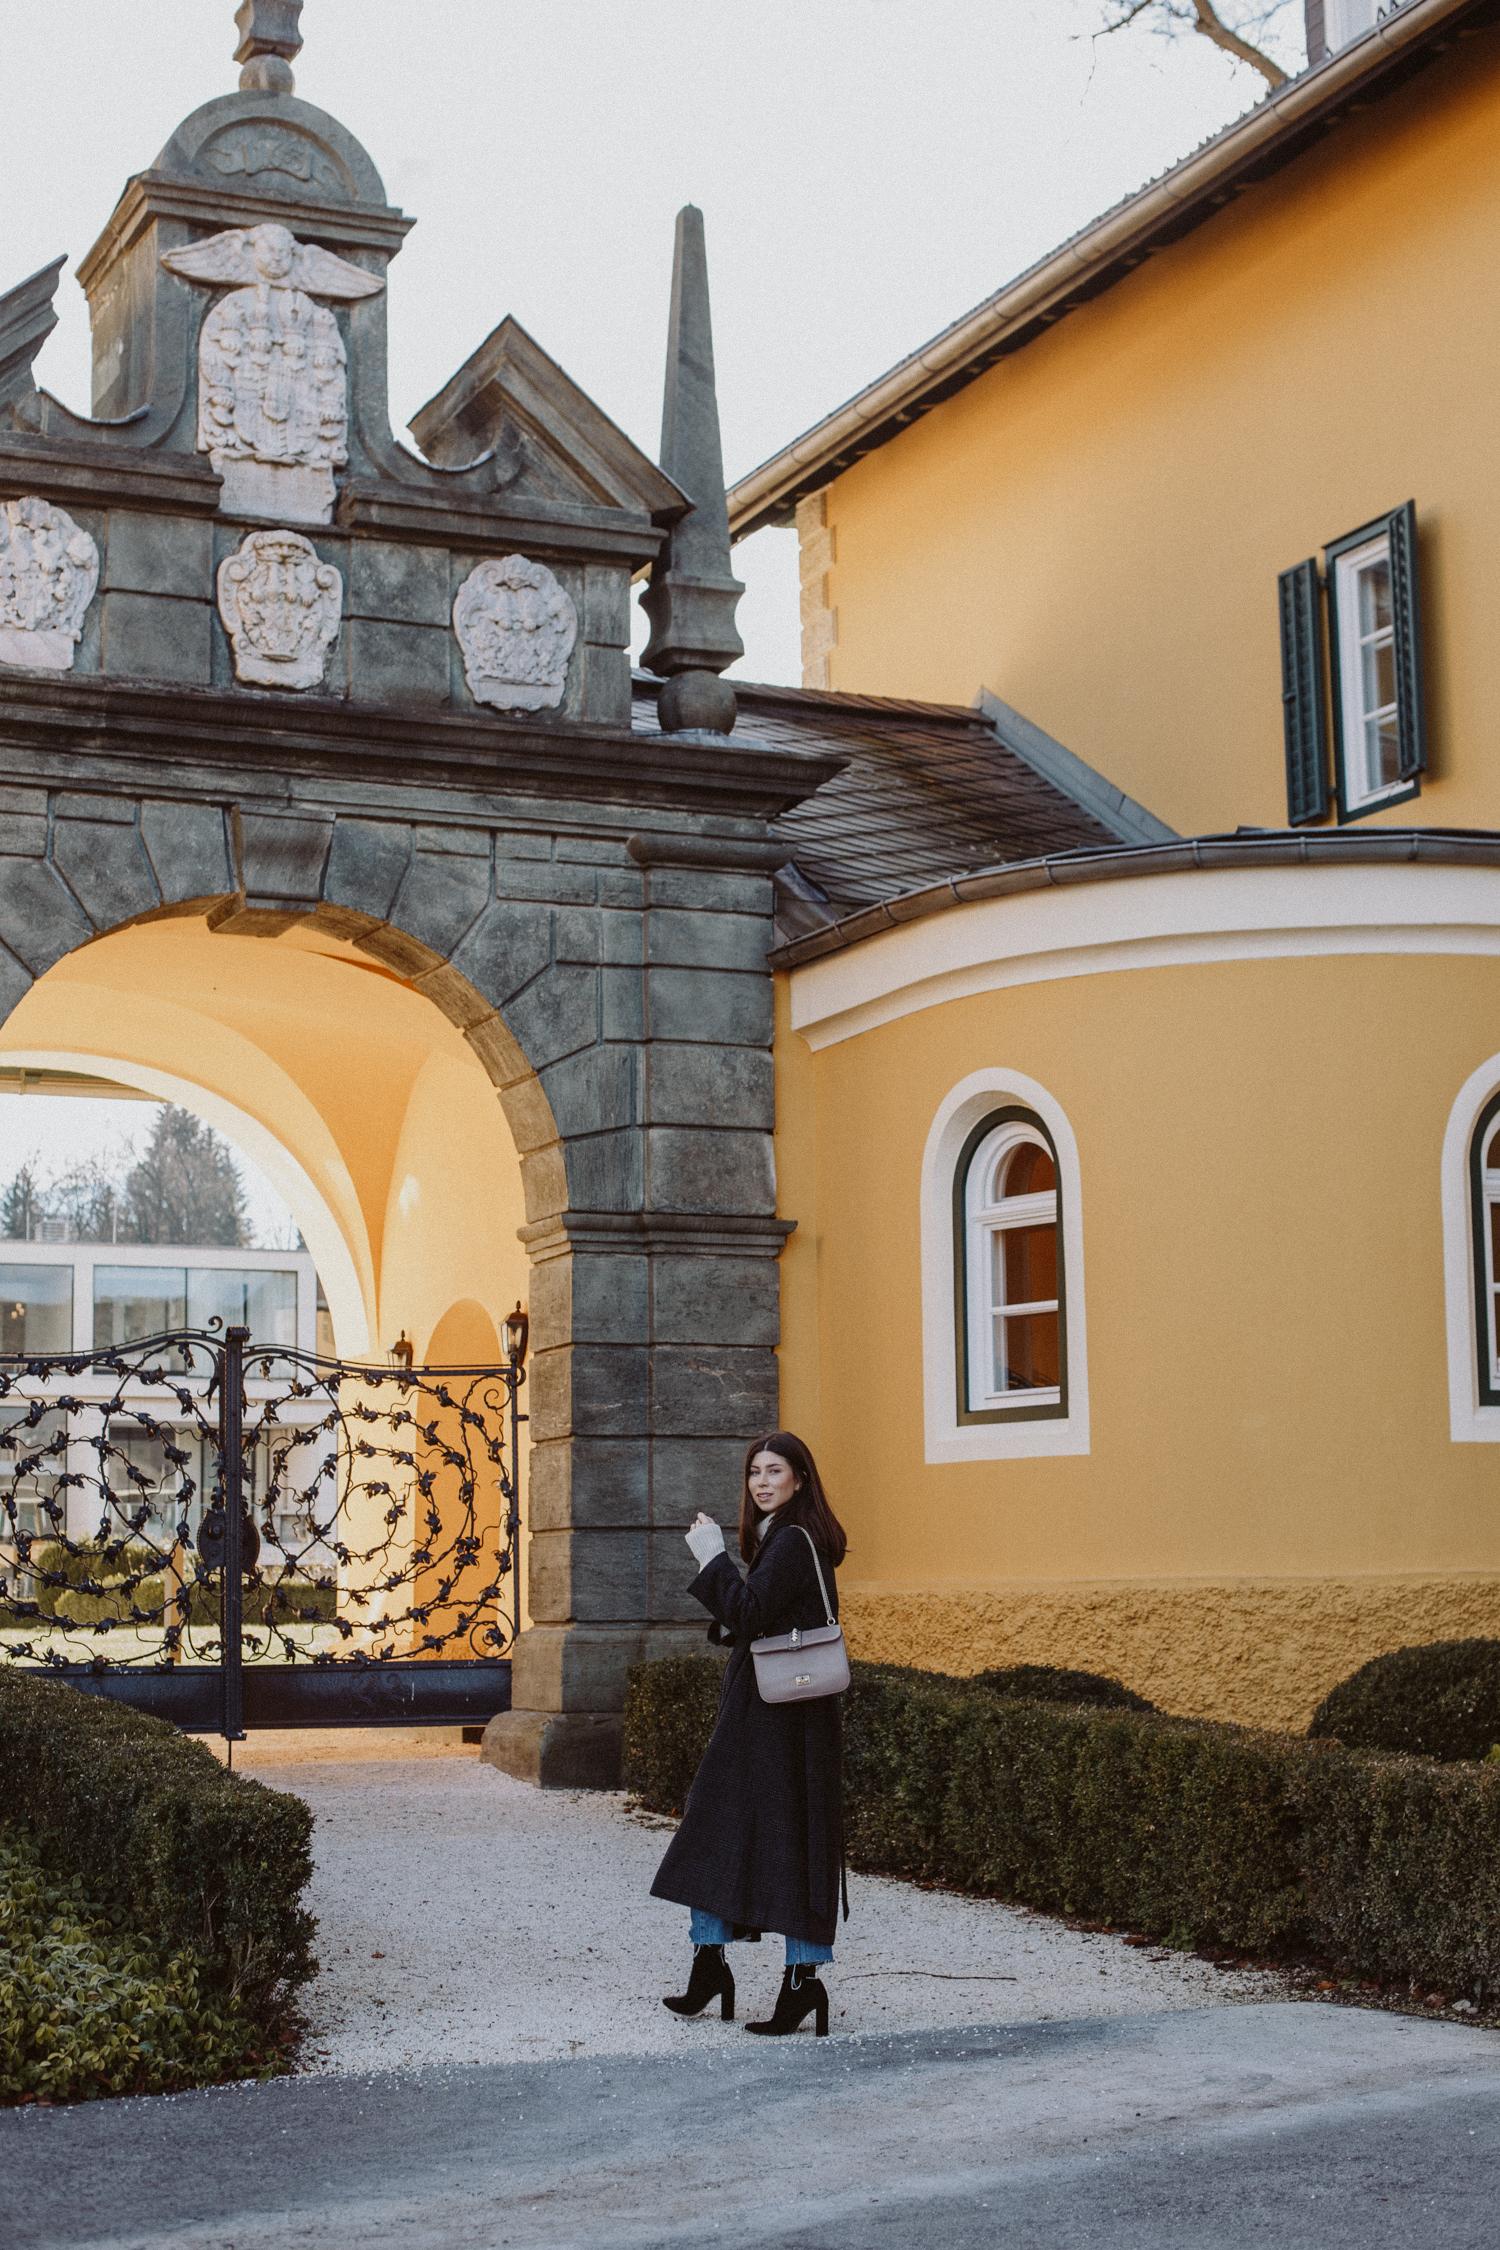 Falkensteiner Schlosshotel Velden Wellness Travel Diary - Love Daily Dose